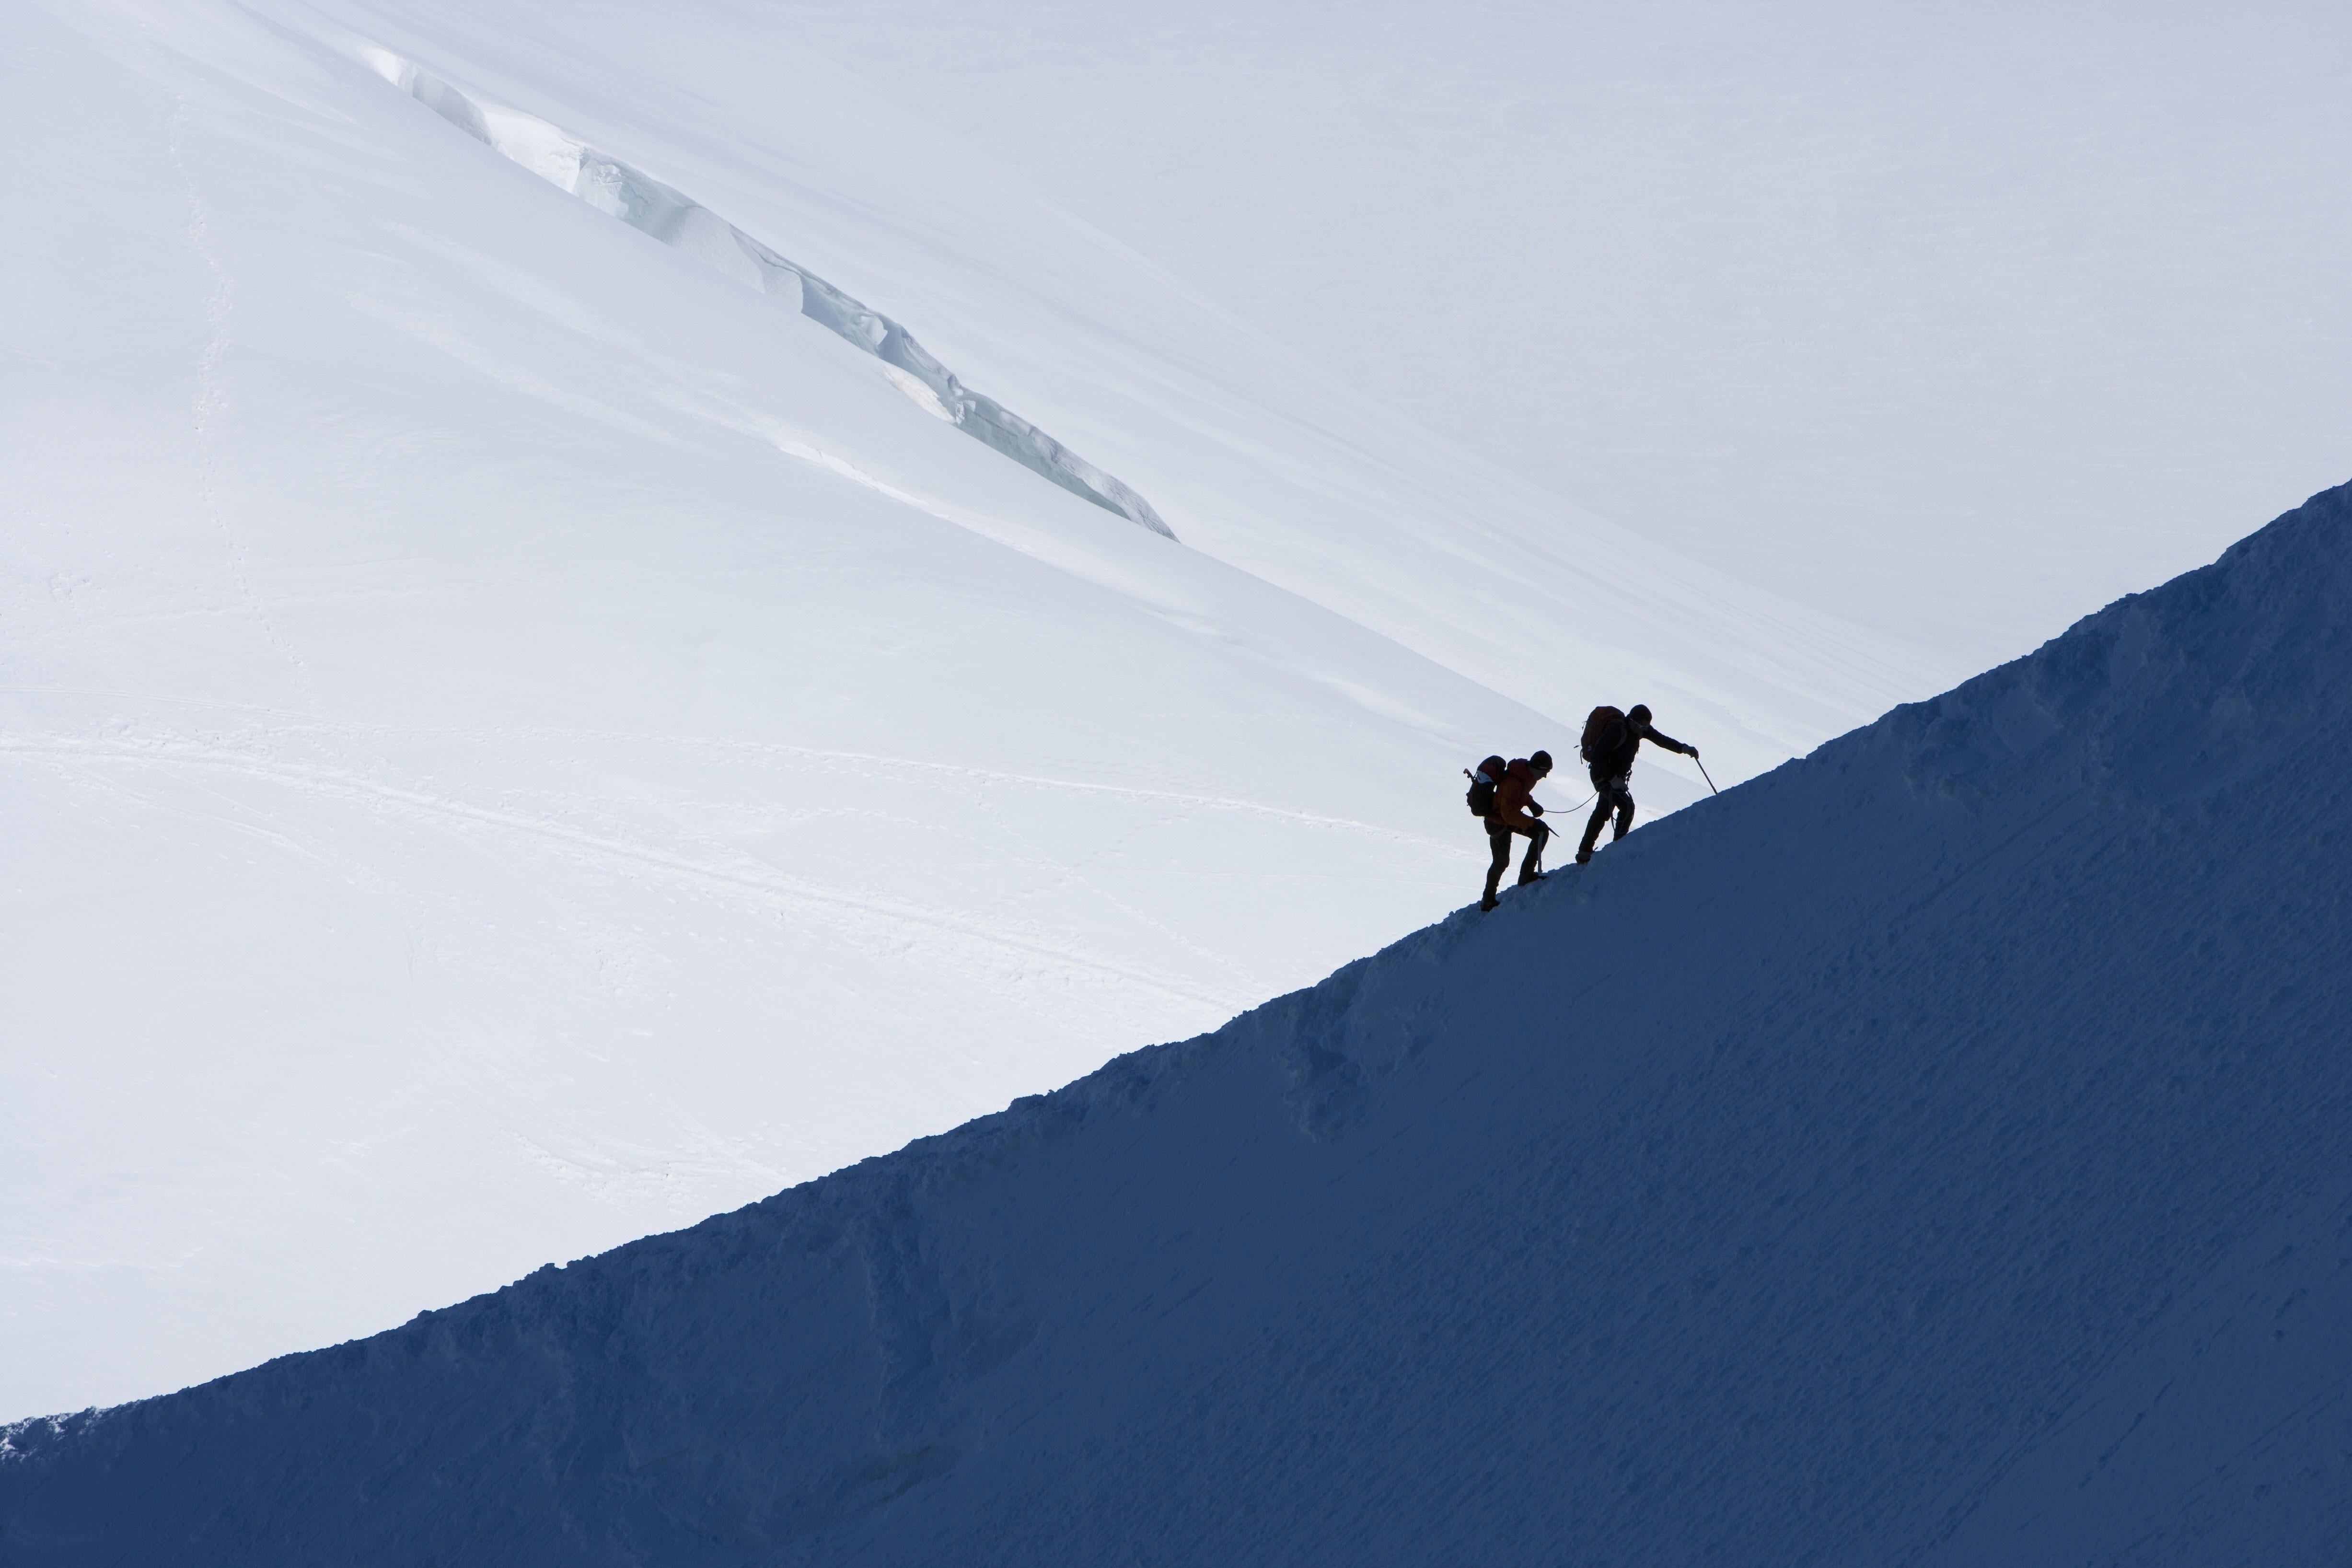 Klettergurt Für Gletschertouren : Packliste ausrüstungscheck für hochtouren bergwelten